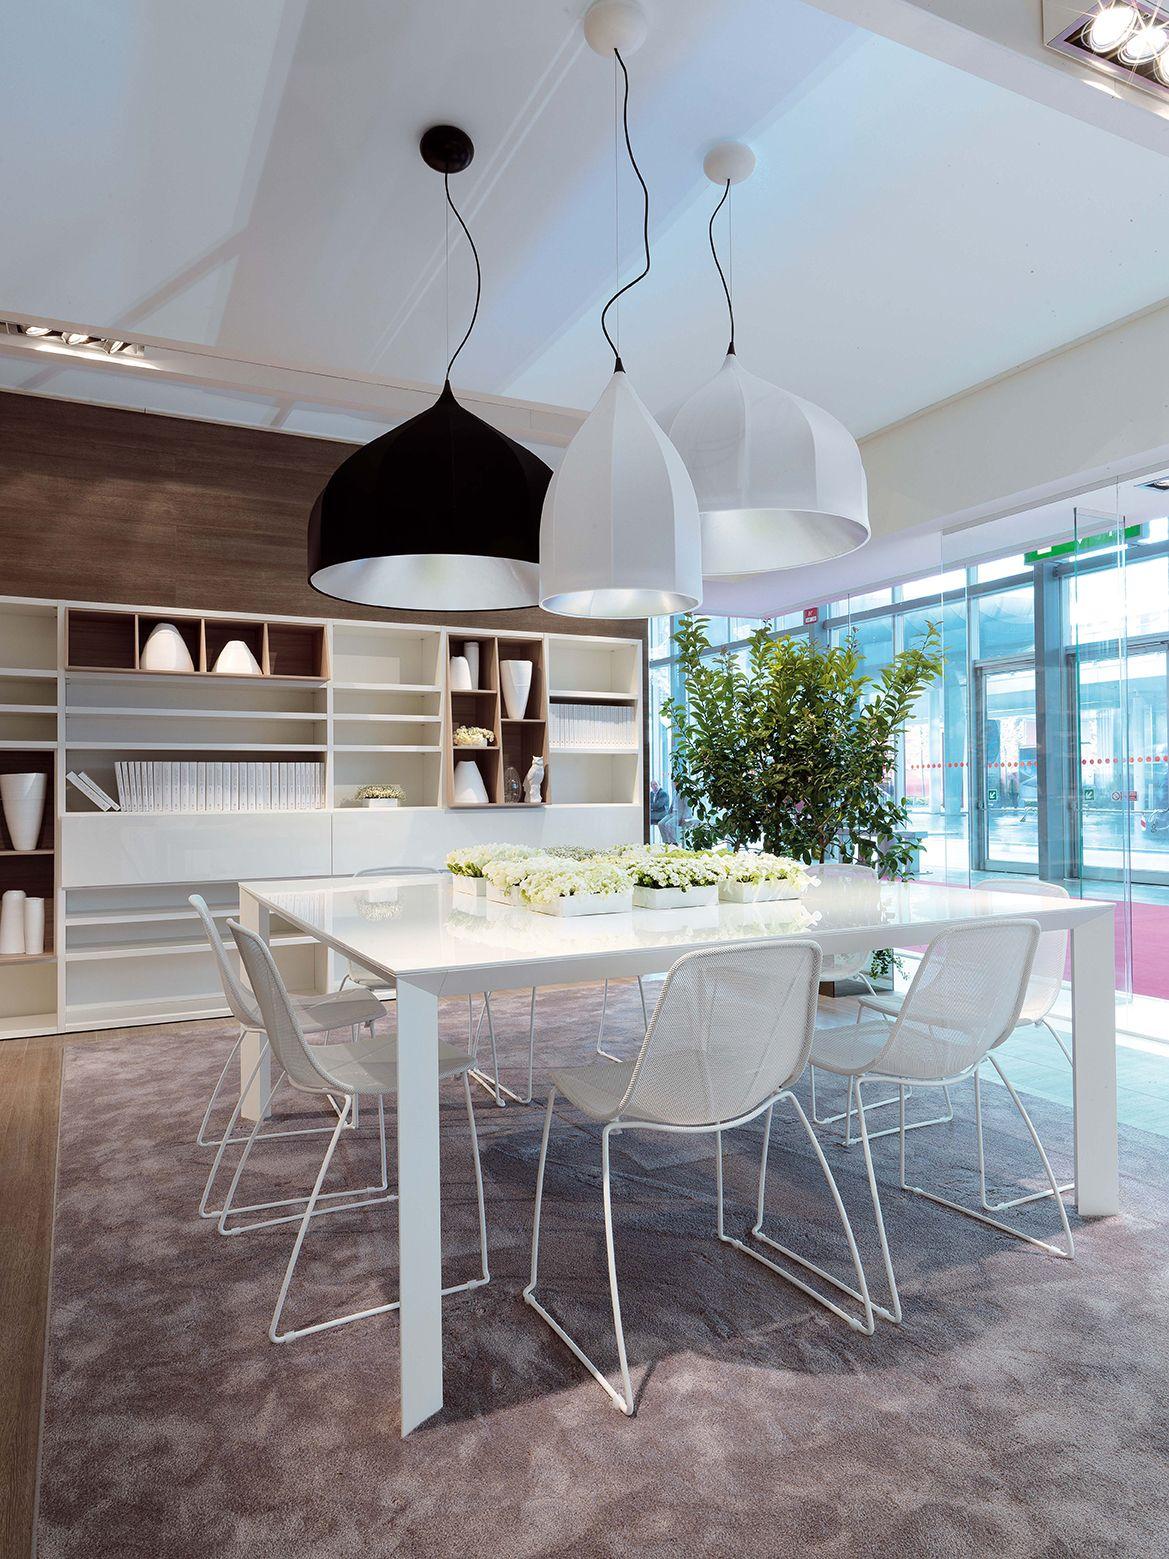 esszimmer stuhle mobel design italien On mobel stuhle esszimmer